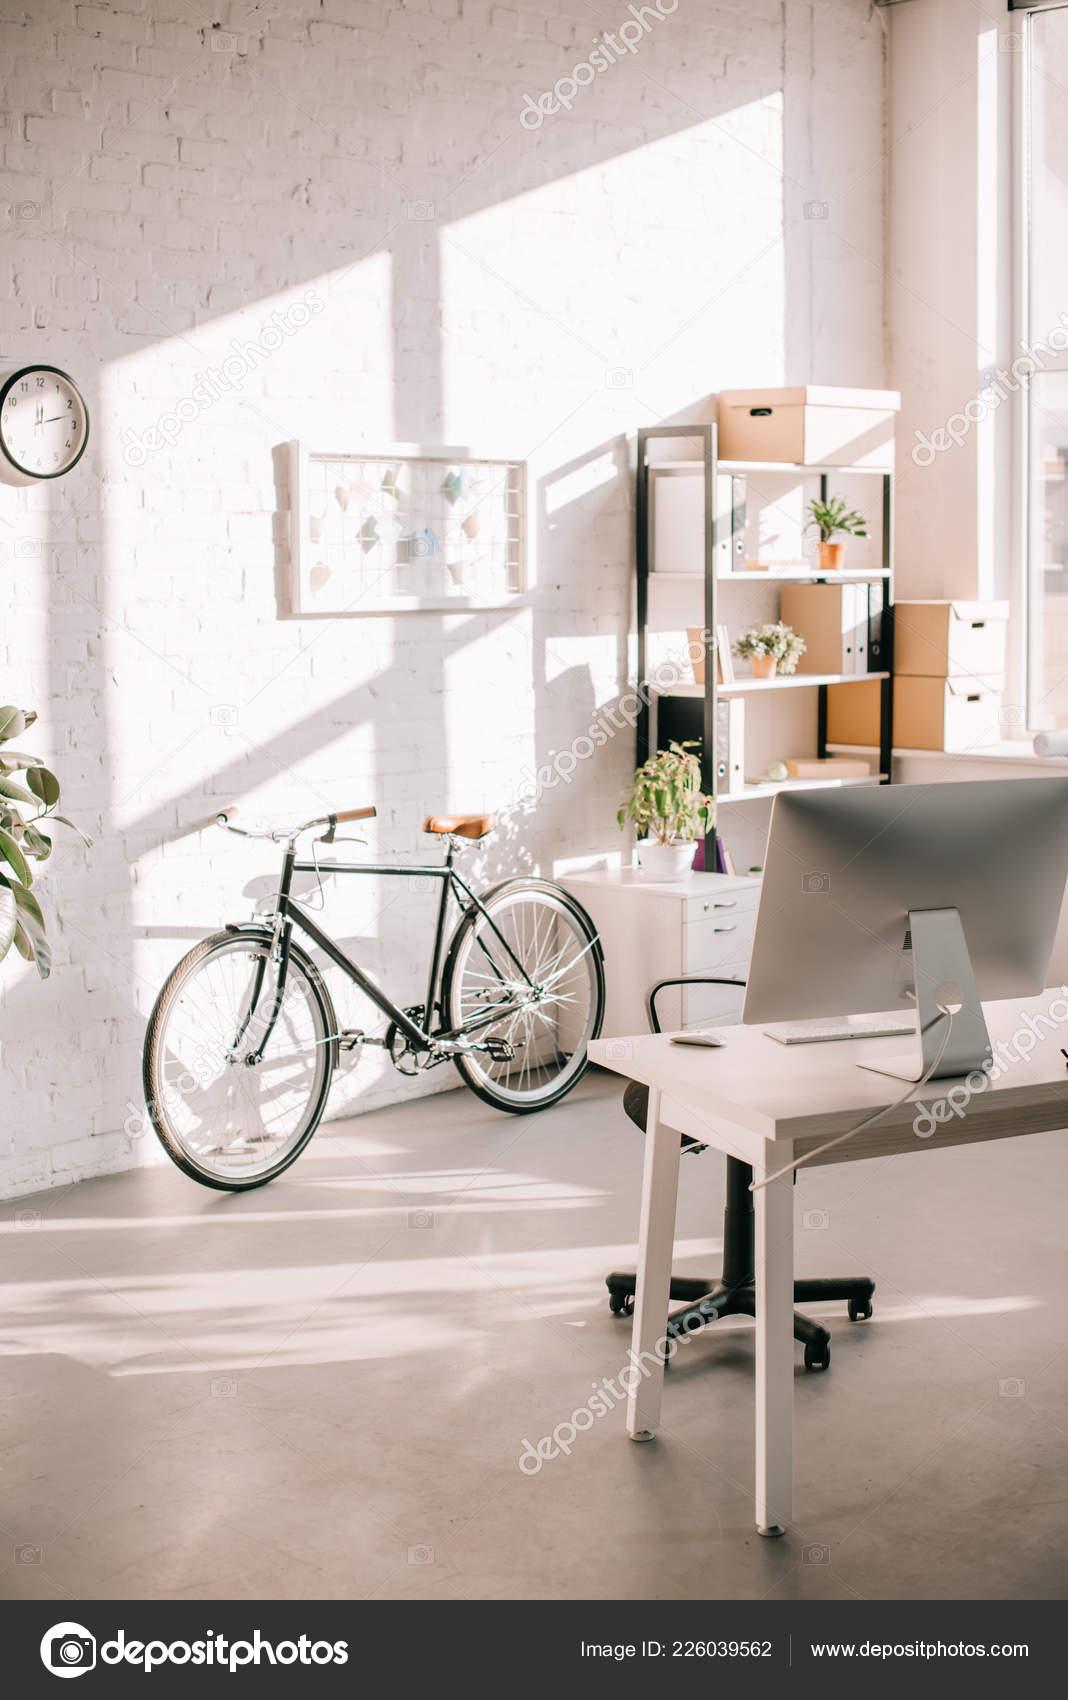 Design Kantoor Bureau.Moderne Kantoor Design Met Flip Grafiek Fiets Computer Bureau